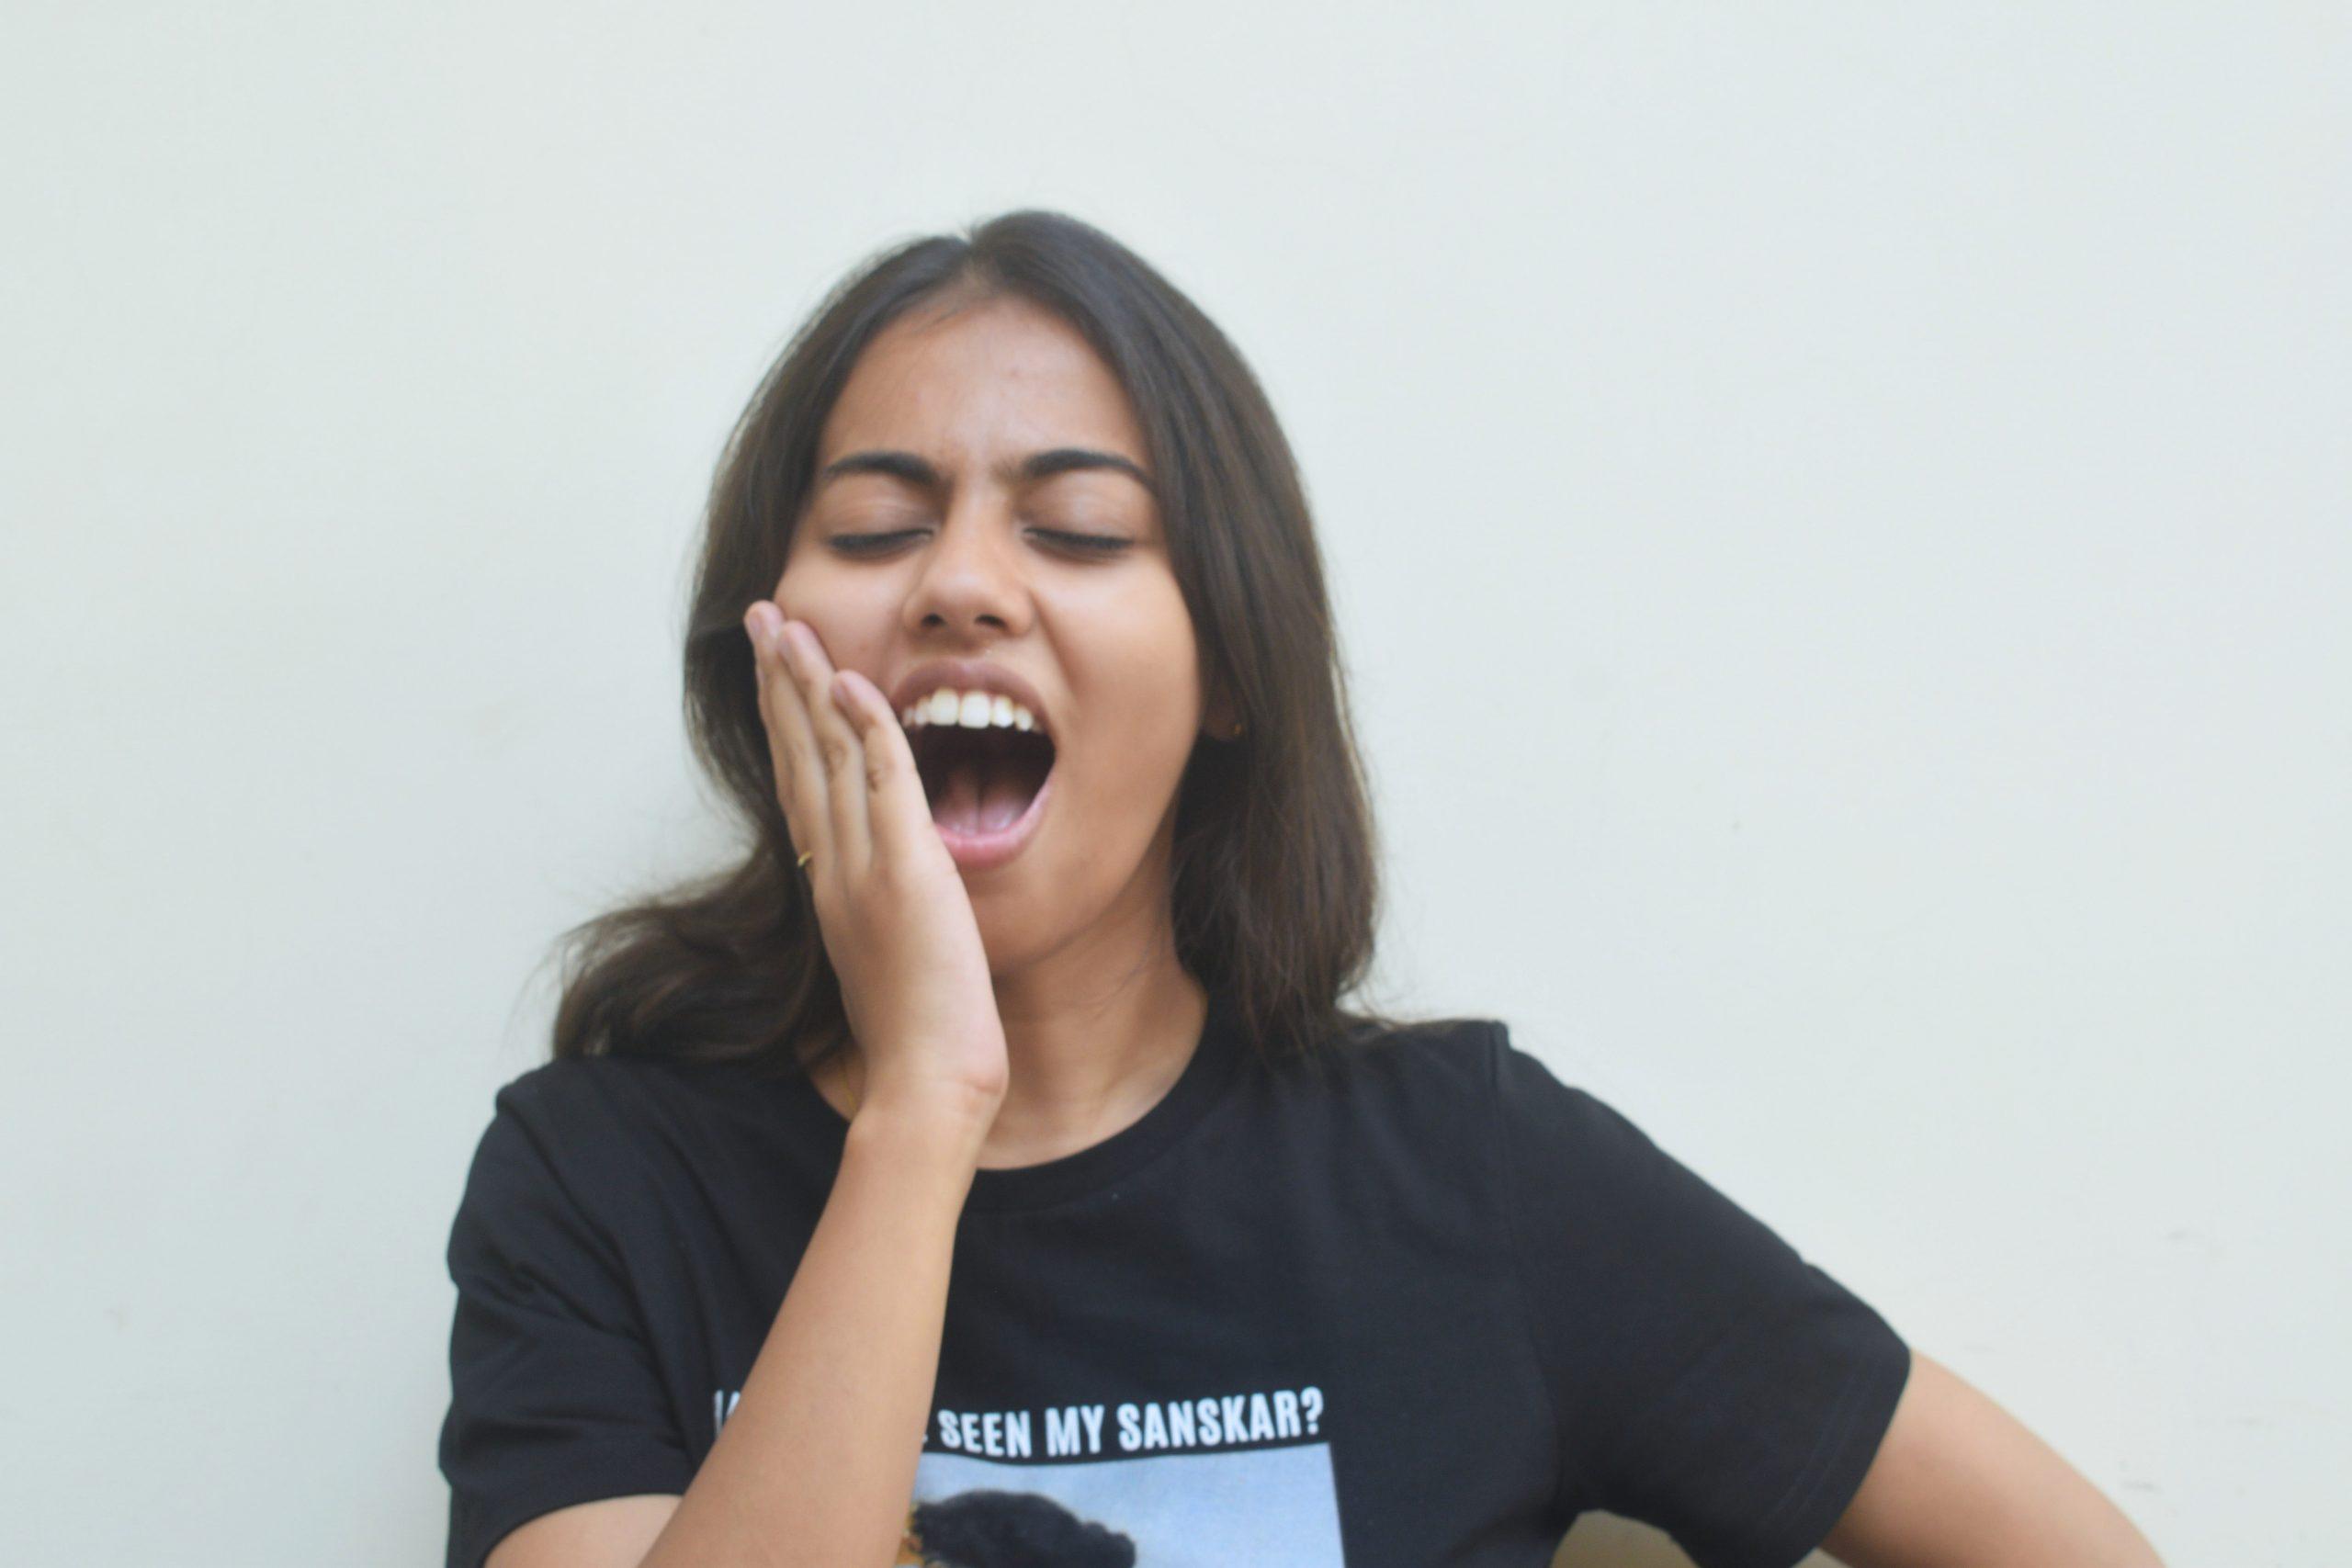 girl having dental pain